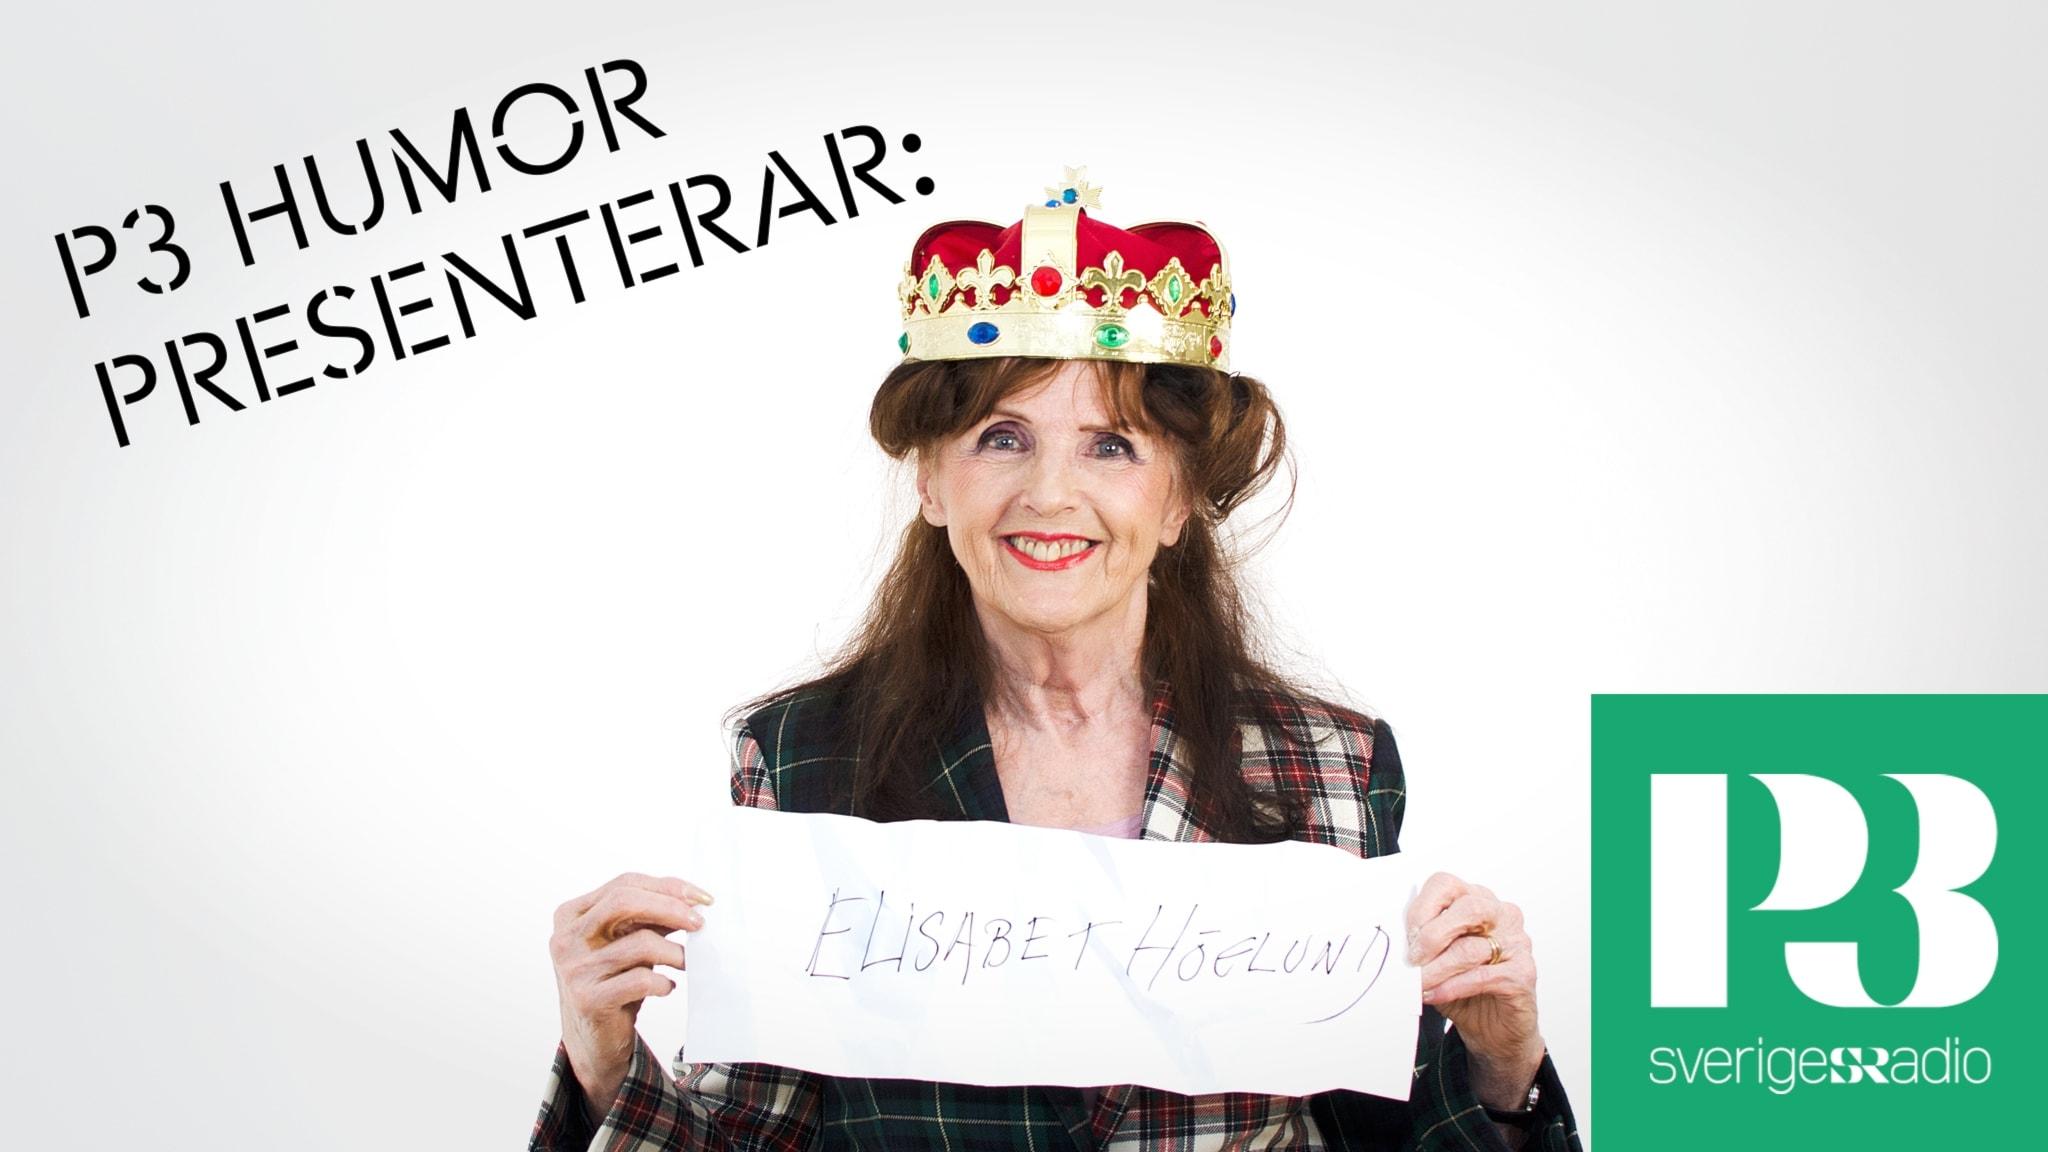 P3 Humor Presenterar: Elisabet Höglund